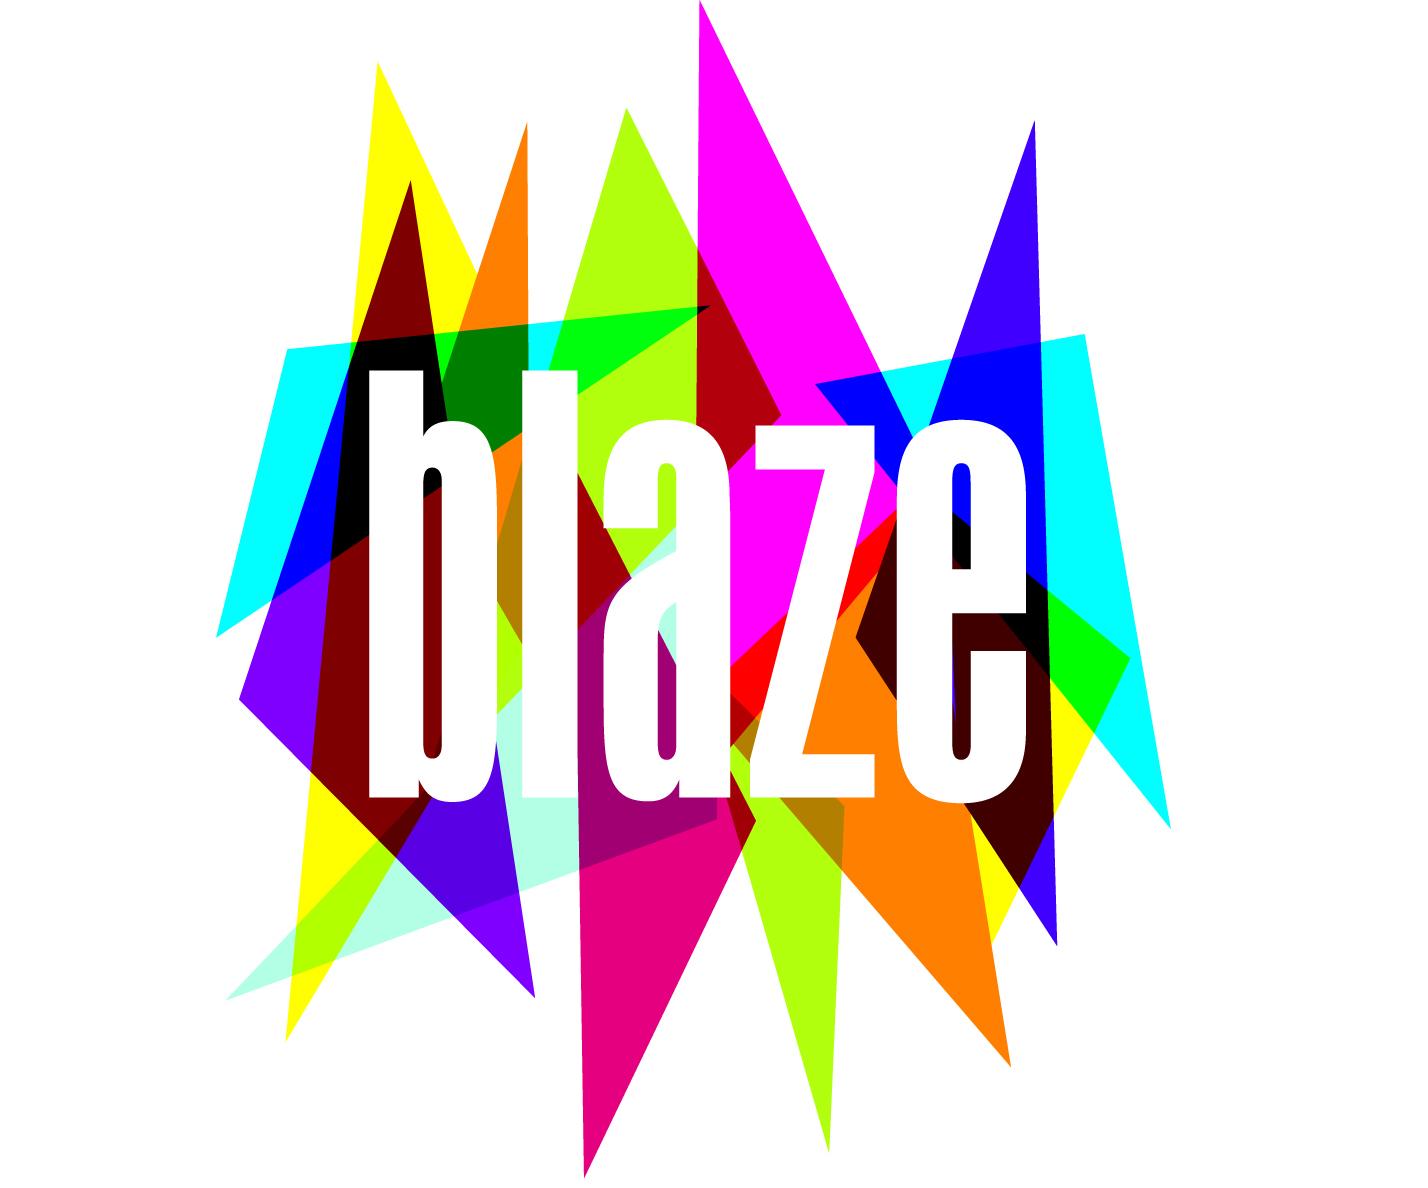 blazelogofinal_1.jpg